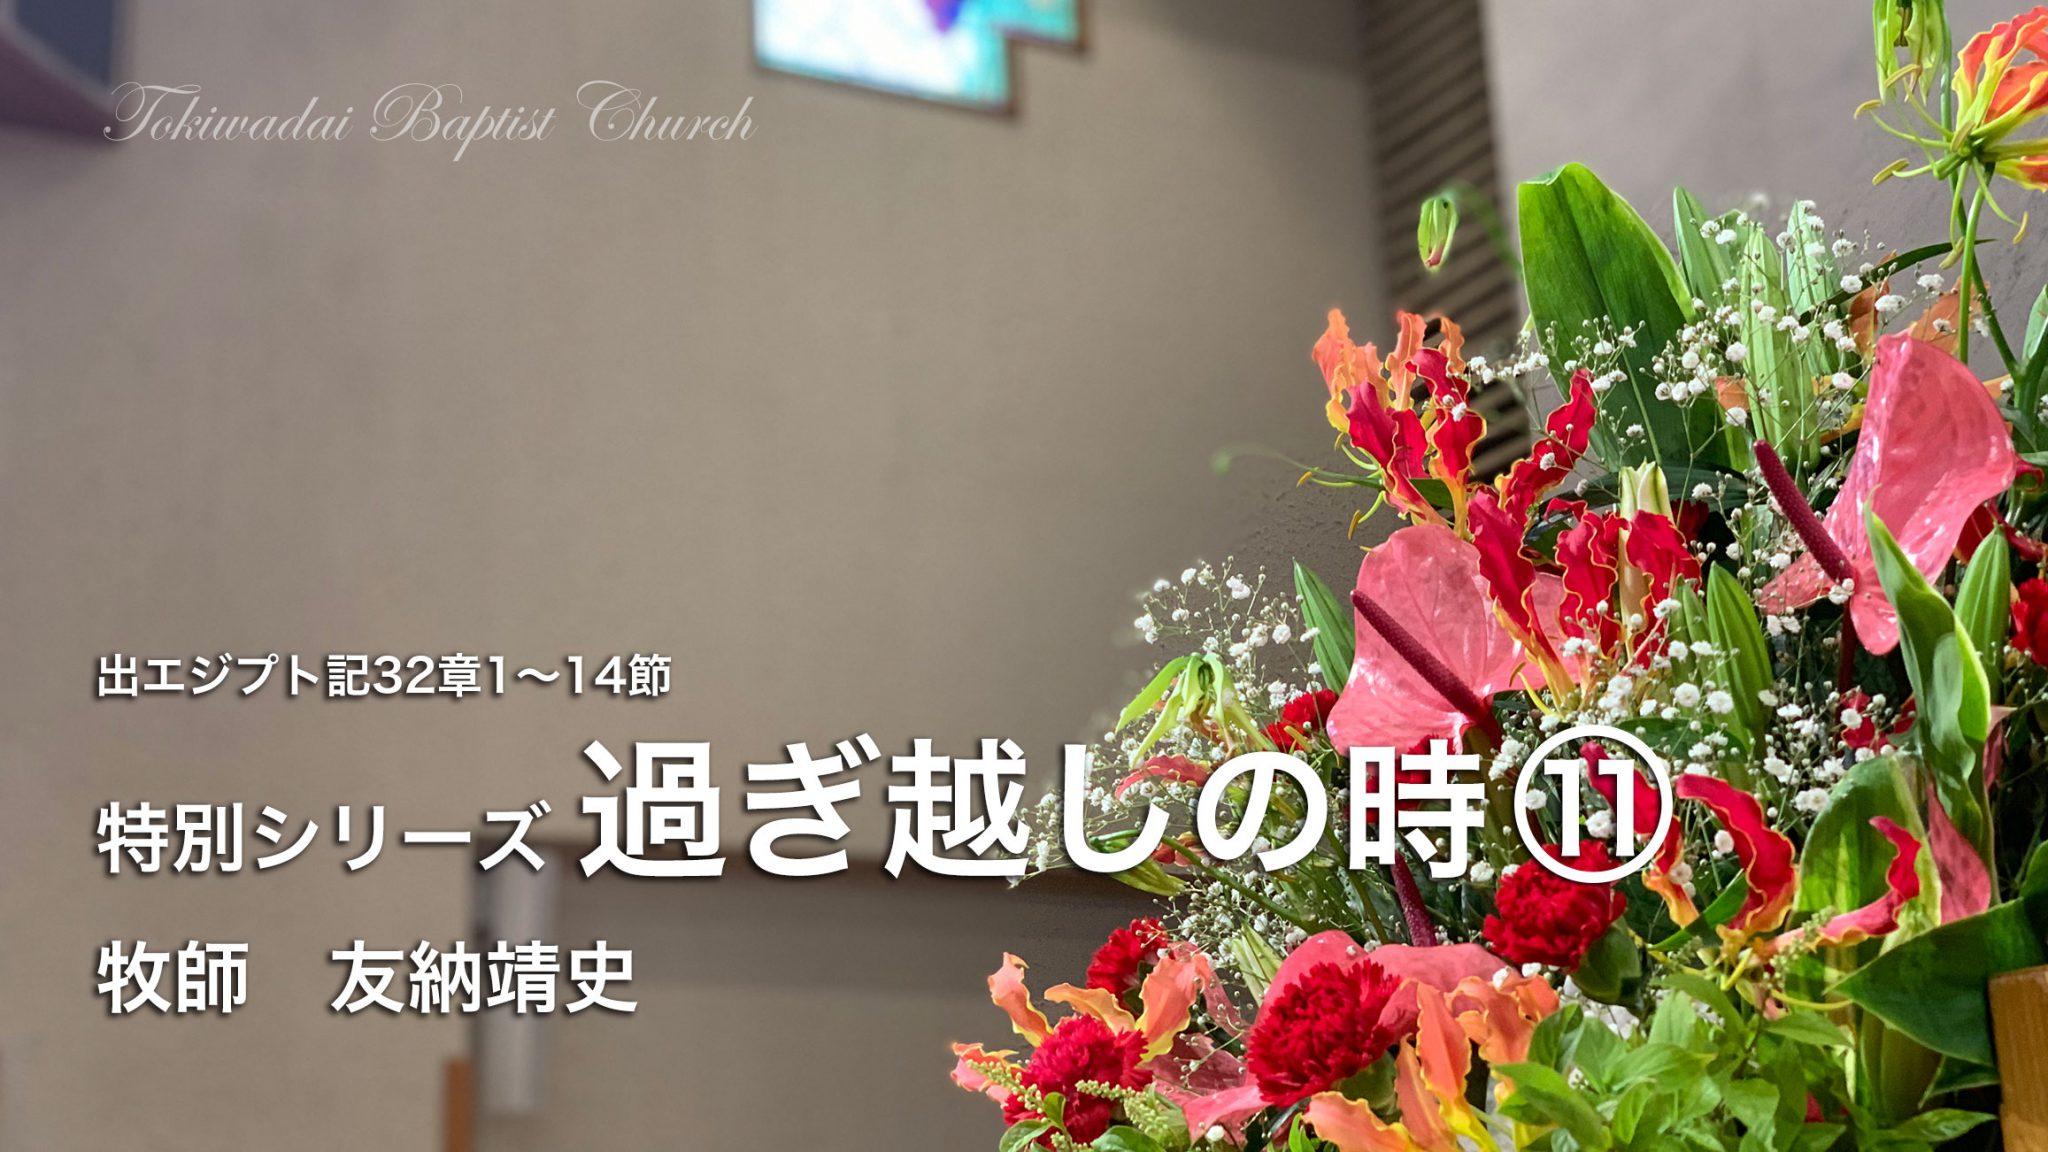 20200510家庭主日礼拝ビデオ